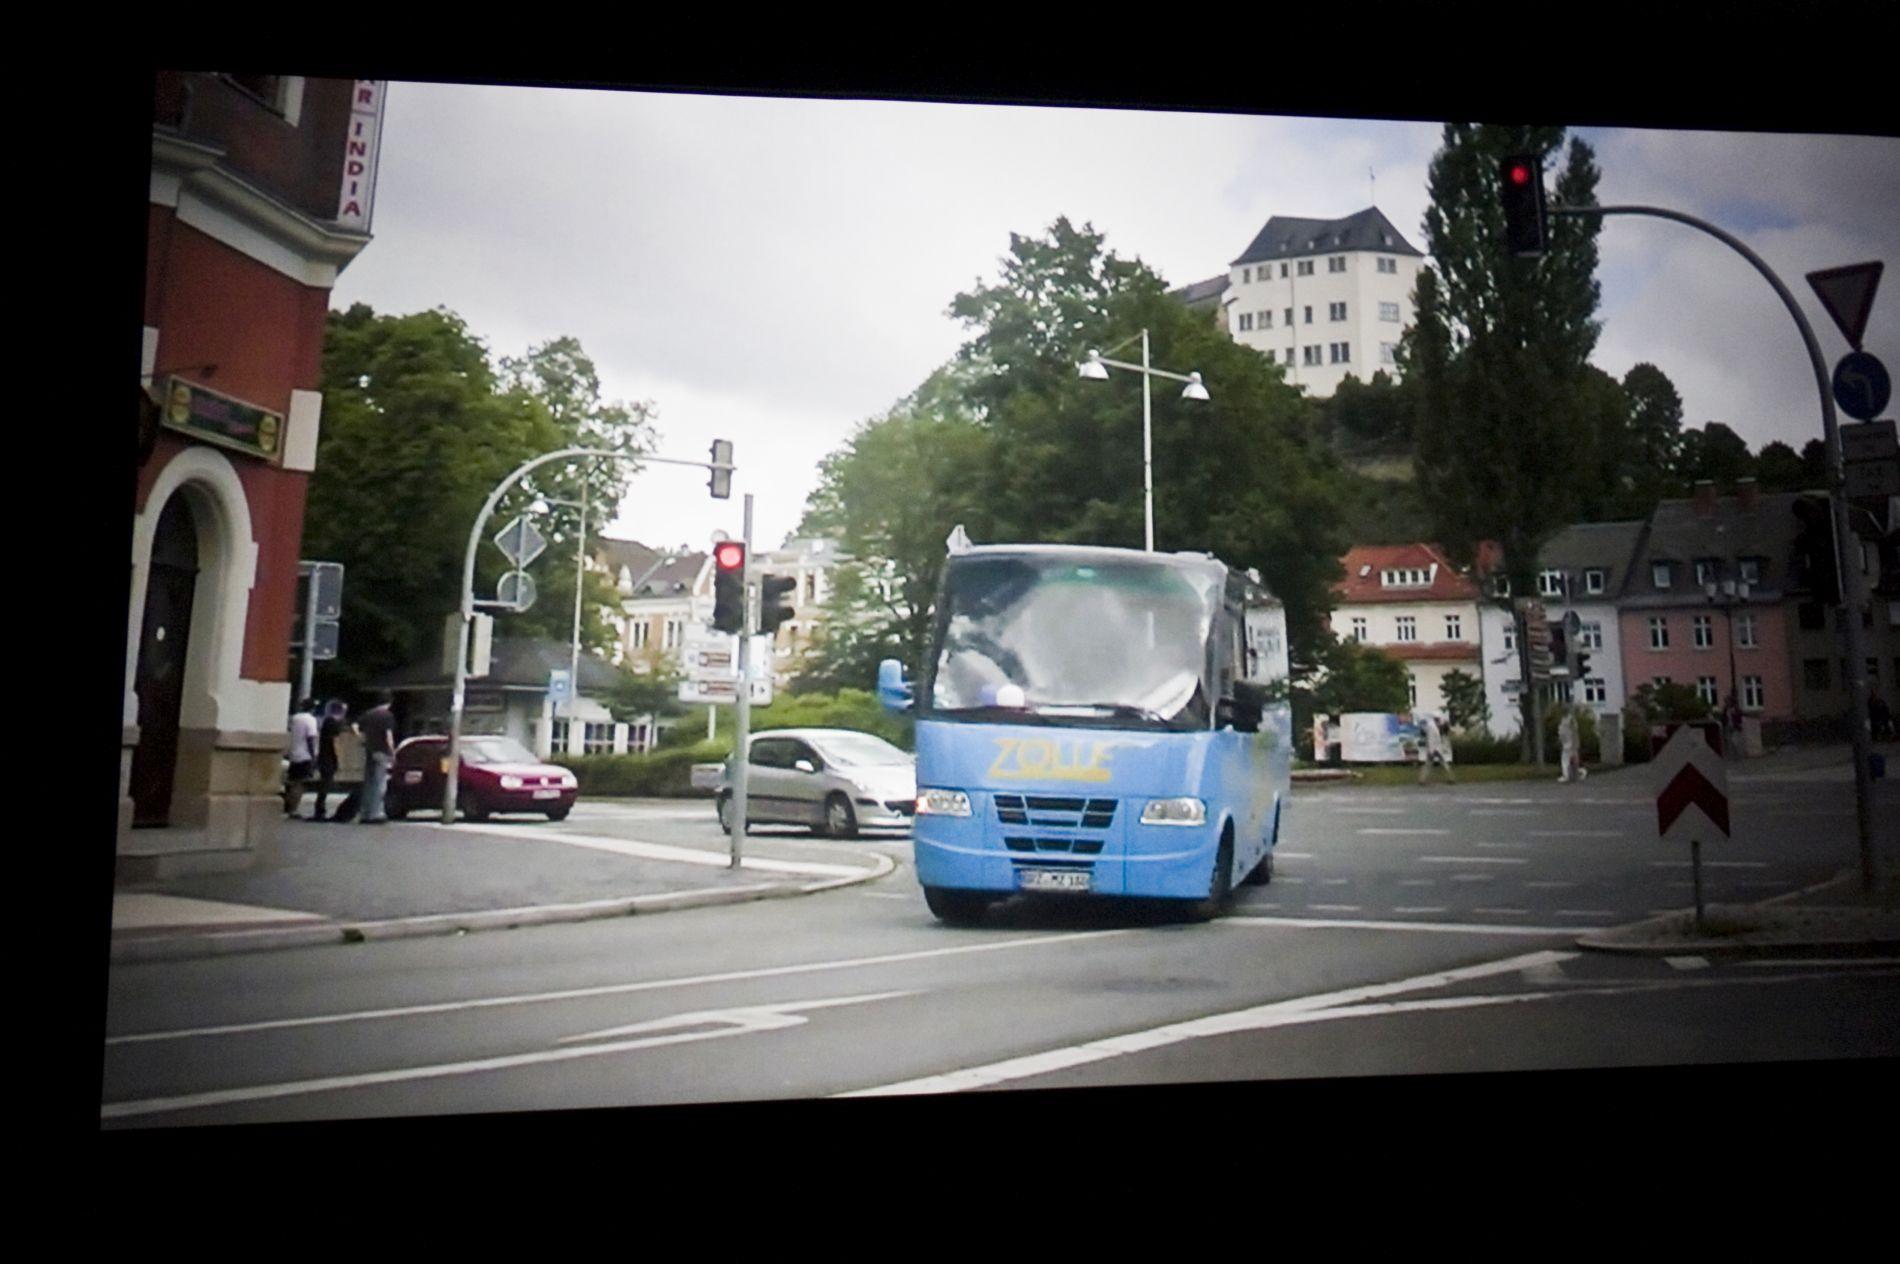 RB_017_XXIII_TH_2014_film_adam_eva_002_foto_karsten_schaarschmidt.jpg